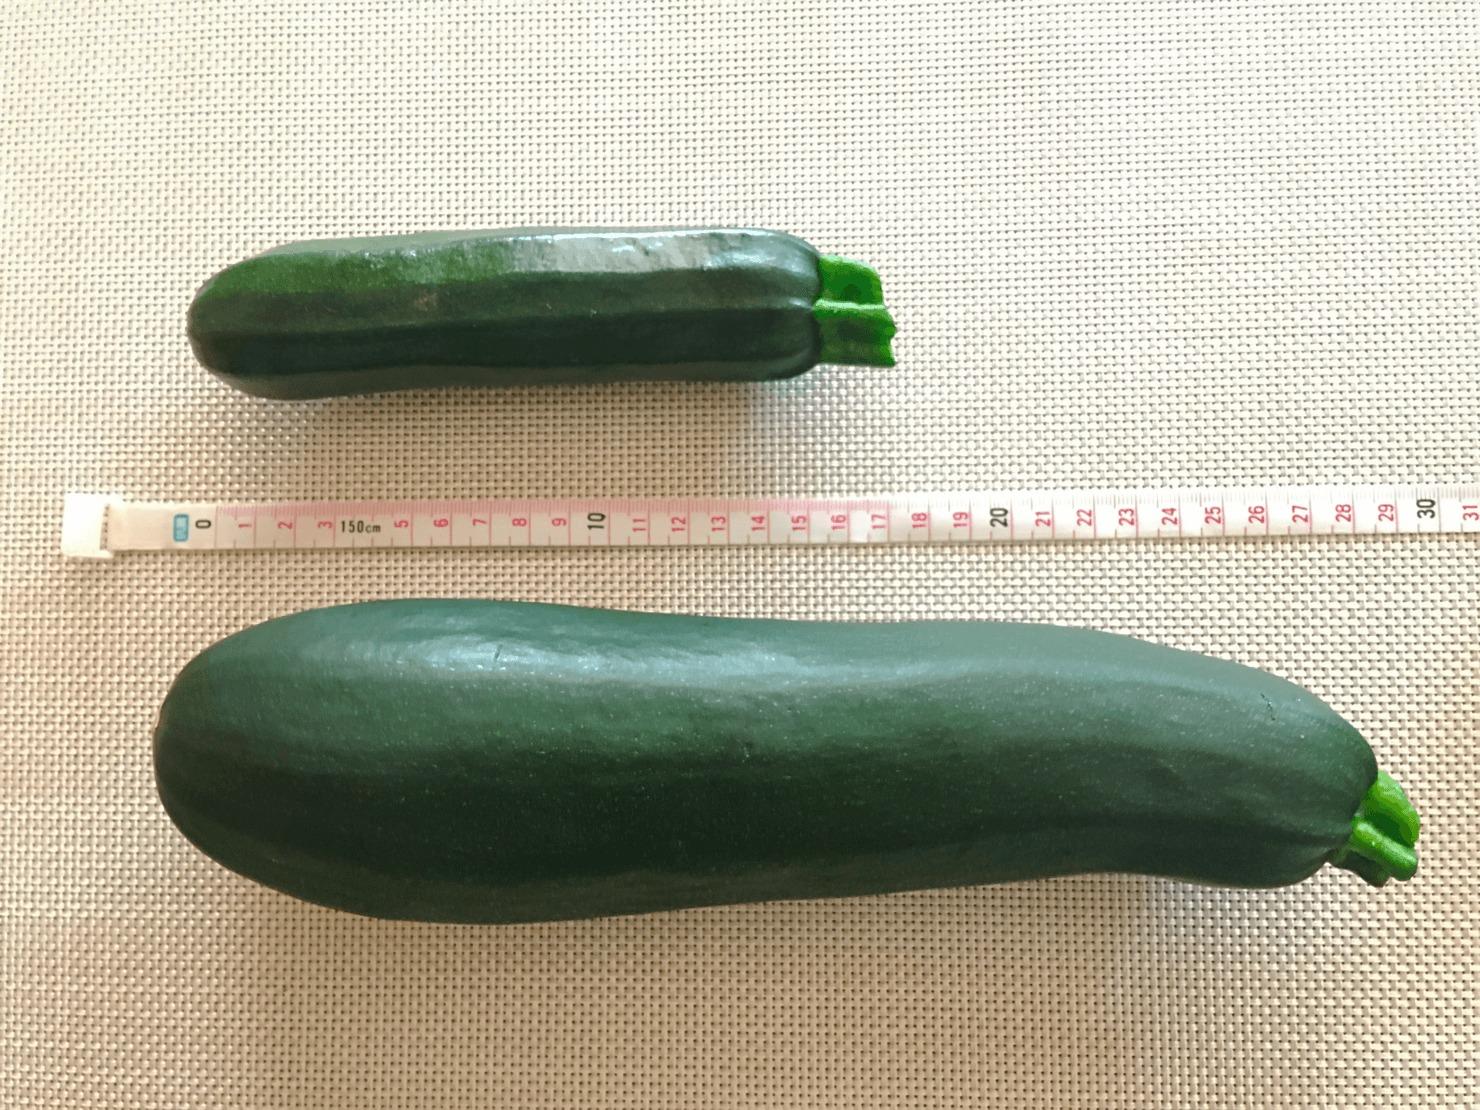 大きいズッキーニと普通のサイズのズッキーニの写真